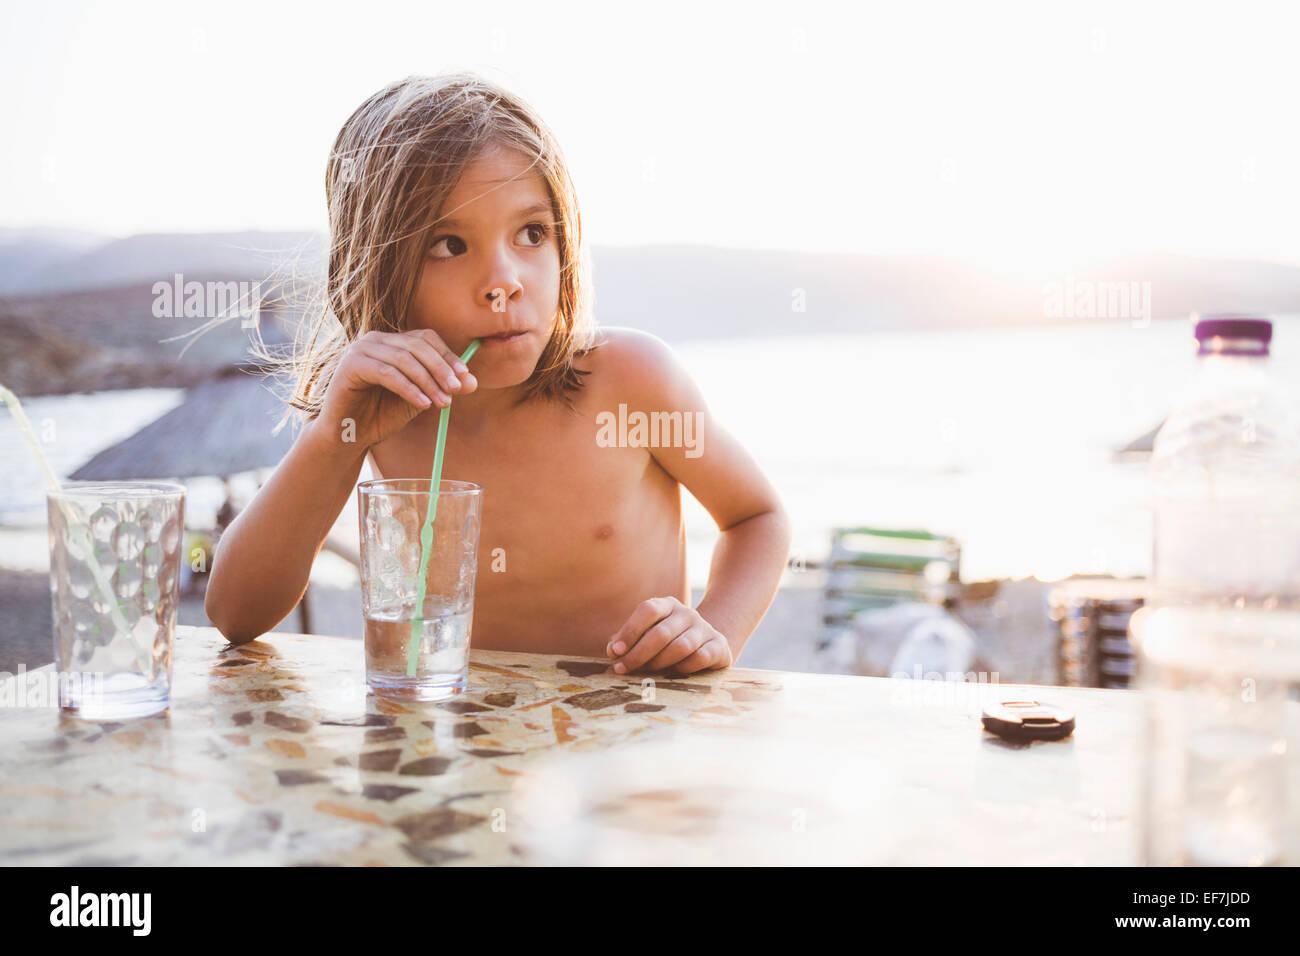 Junge mit Drink am Seeufer Stockbild